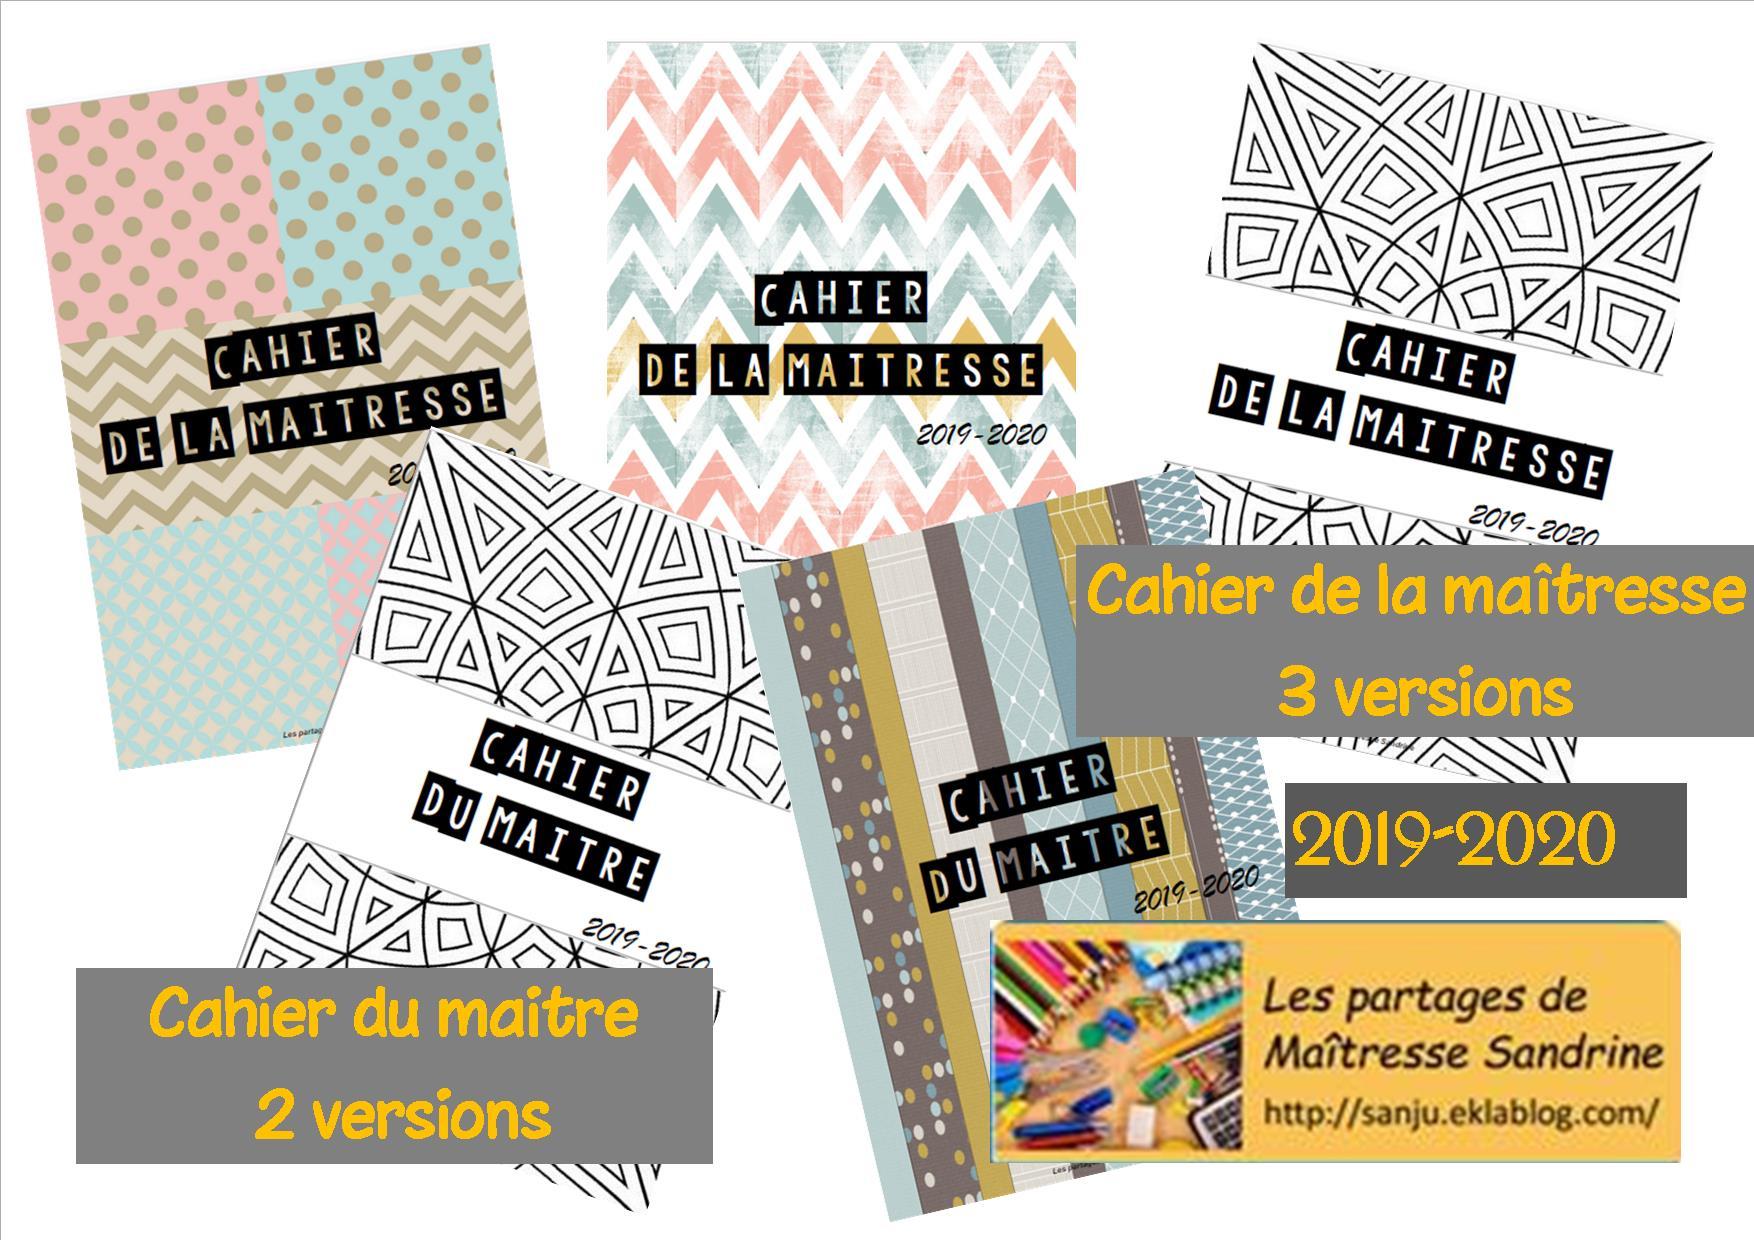 Cahier De La Maitresse / Du Maitre 2019-2020 - Les Partages concernant Cahier De Vacances Maternelle Pdf